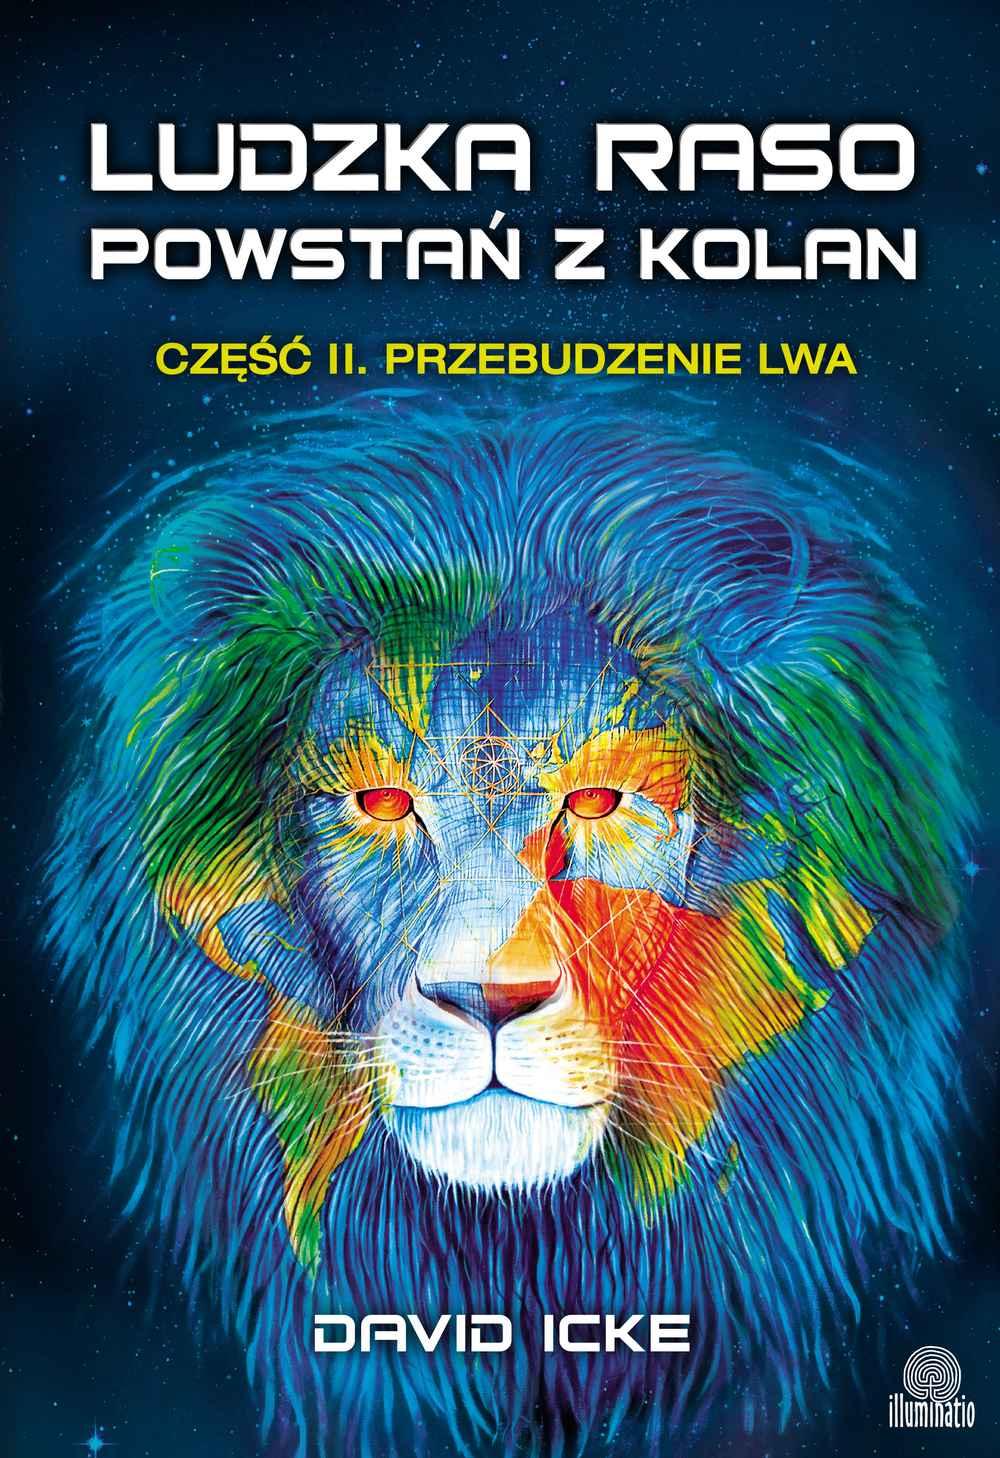 Ludzka raso, powstań z kolan. Część II. Przebudzenie lwa - Ebook (Książka EPUB) do pobrania w formacie EPUB